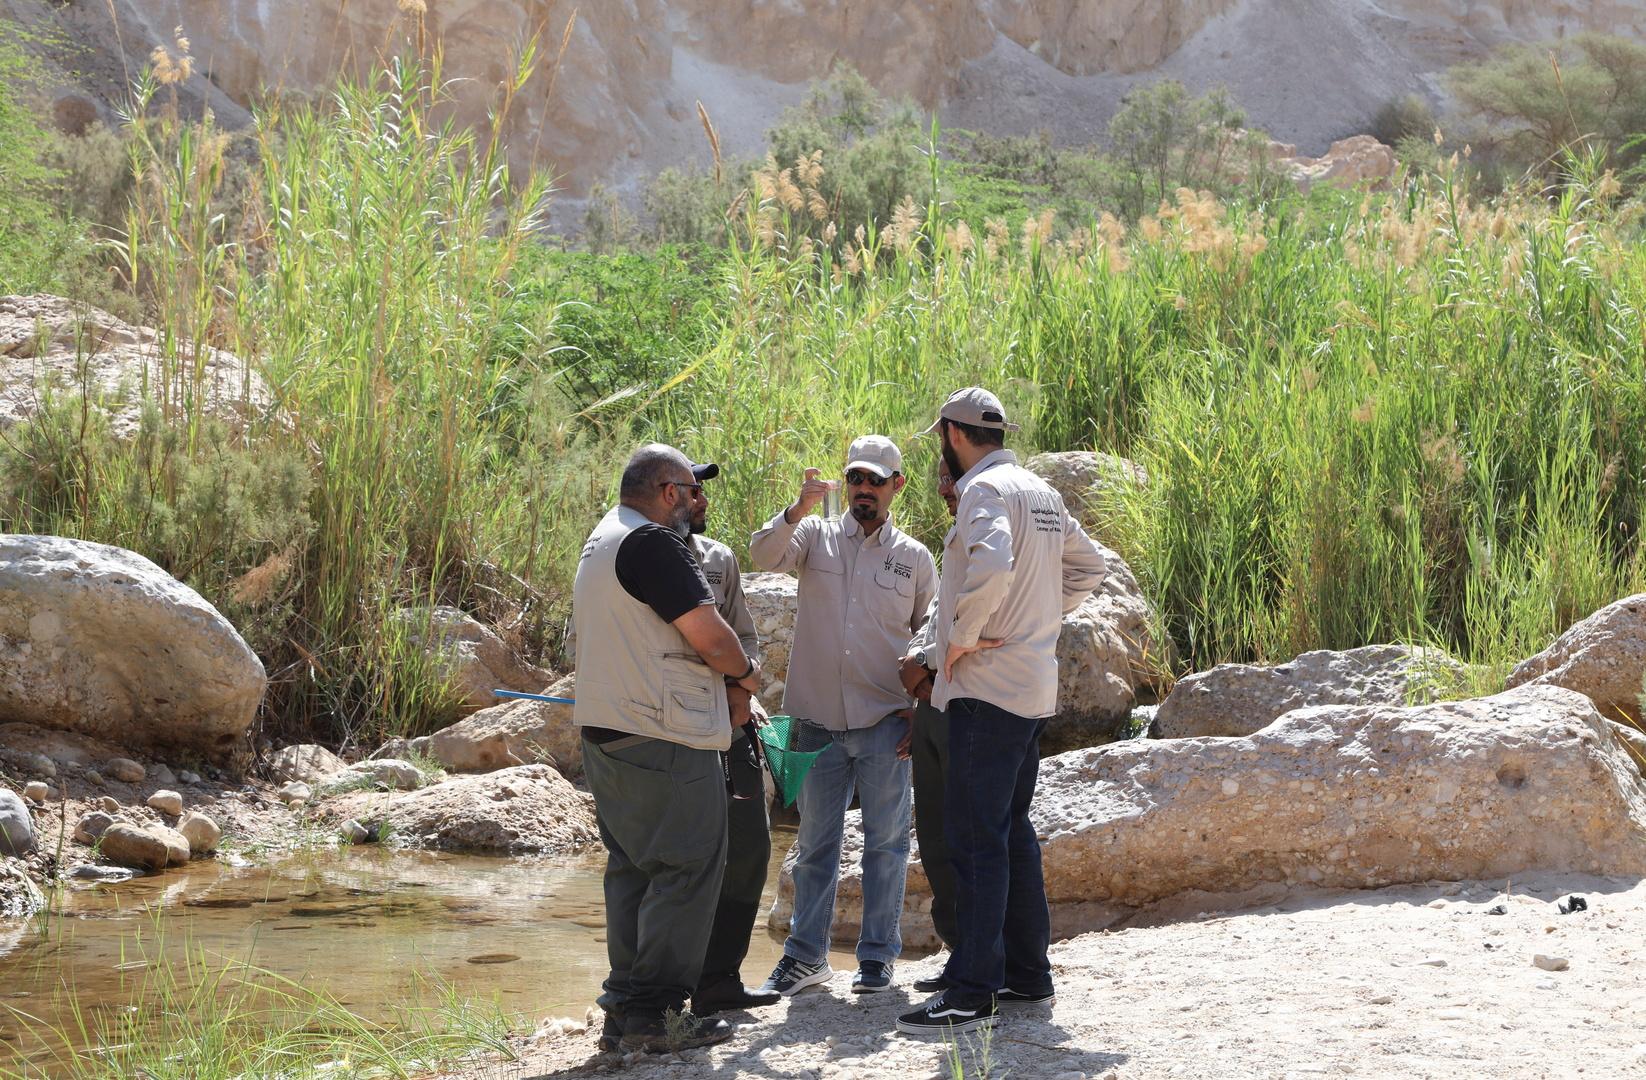 باحثون في الأردن يضعون جدولا زمنيا لإنقاذ سمك نادر مهدد بالانقراض